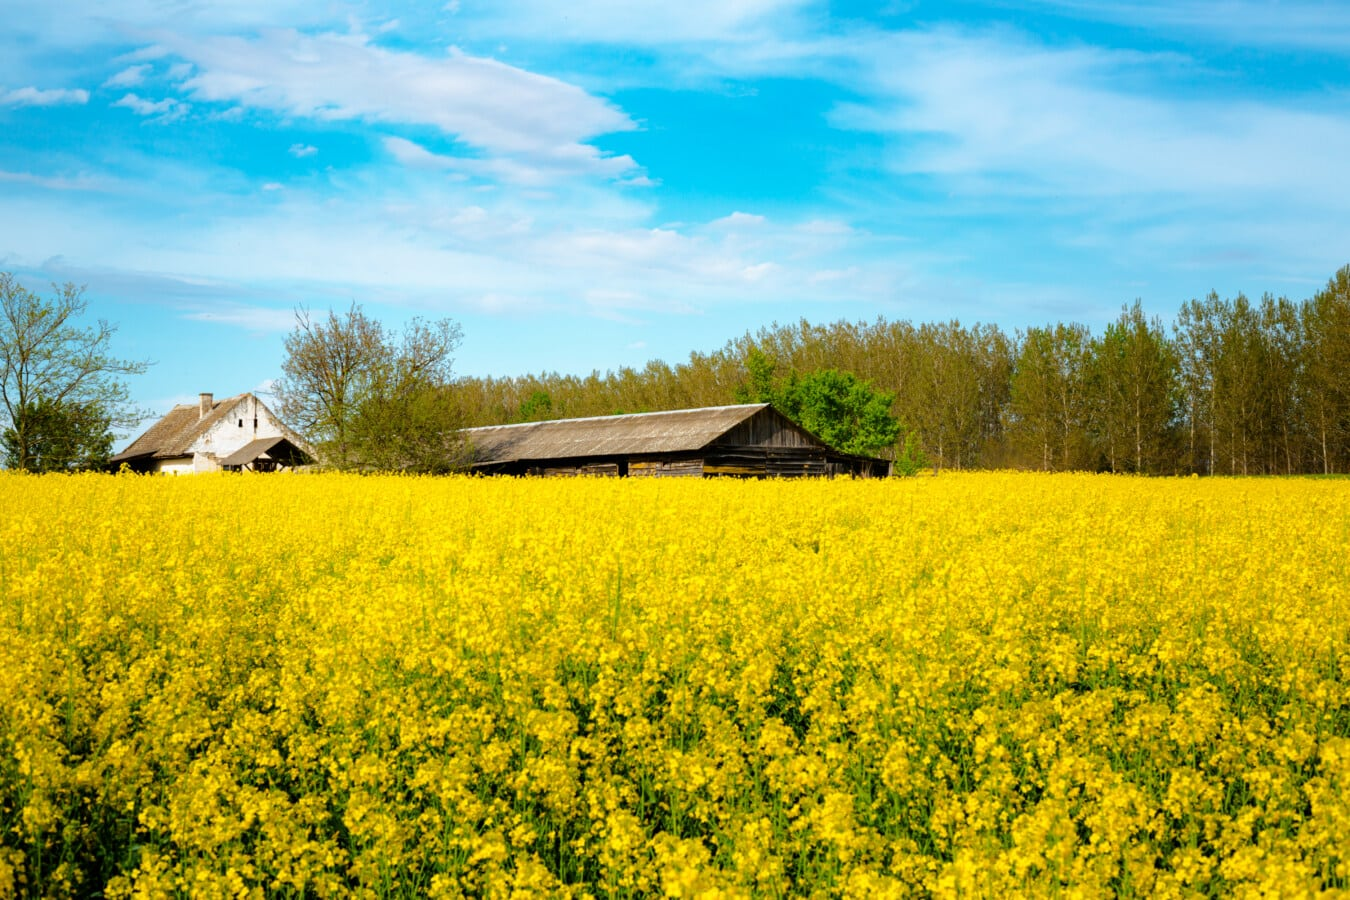 les terres agricoles, ferme, ferme, hangar, beau temps, colza, Agriculture, domaine, nature, semences